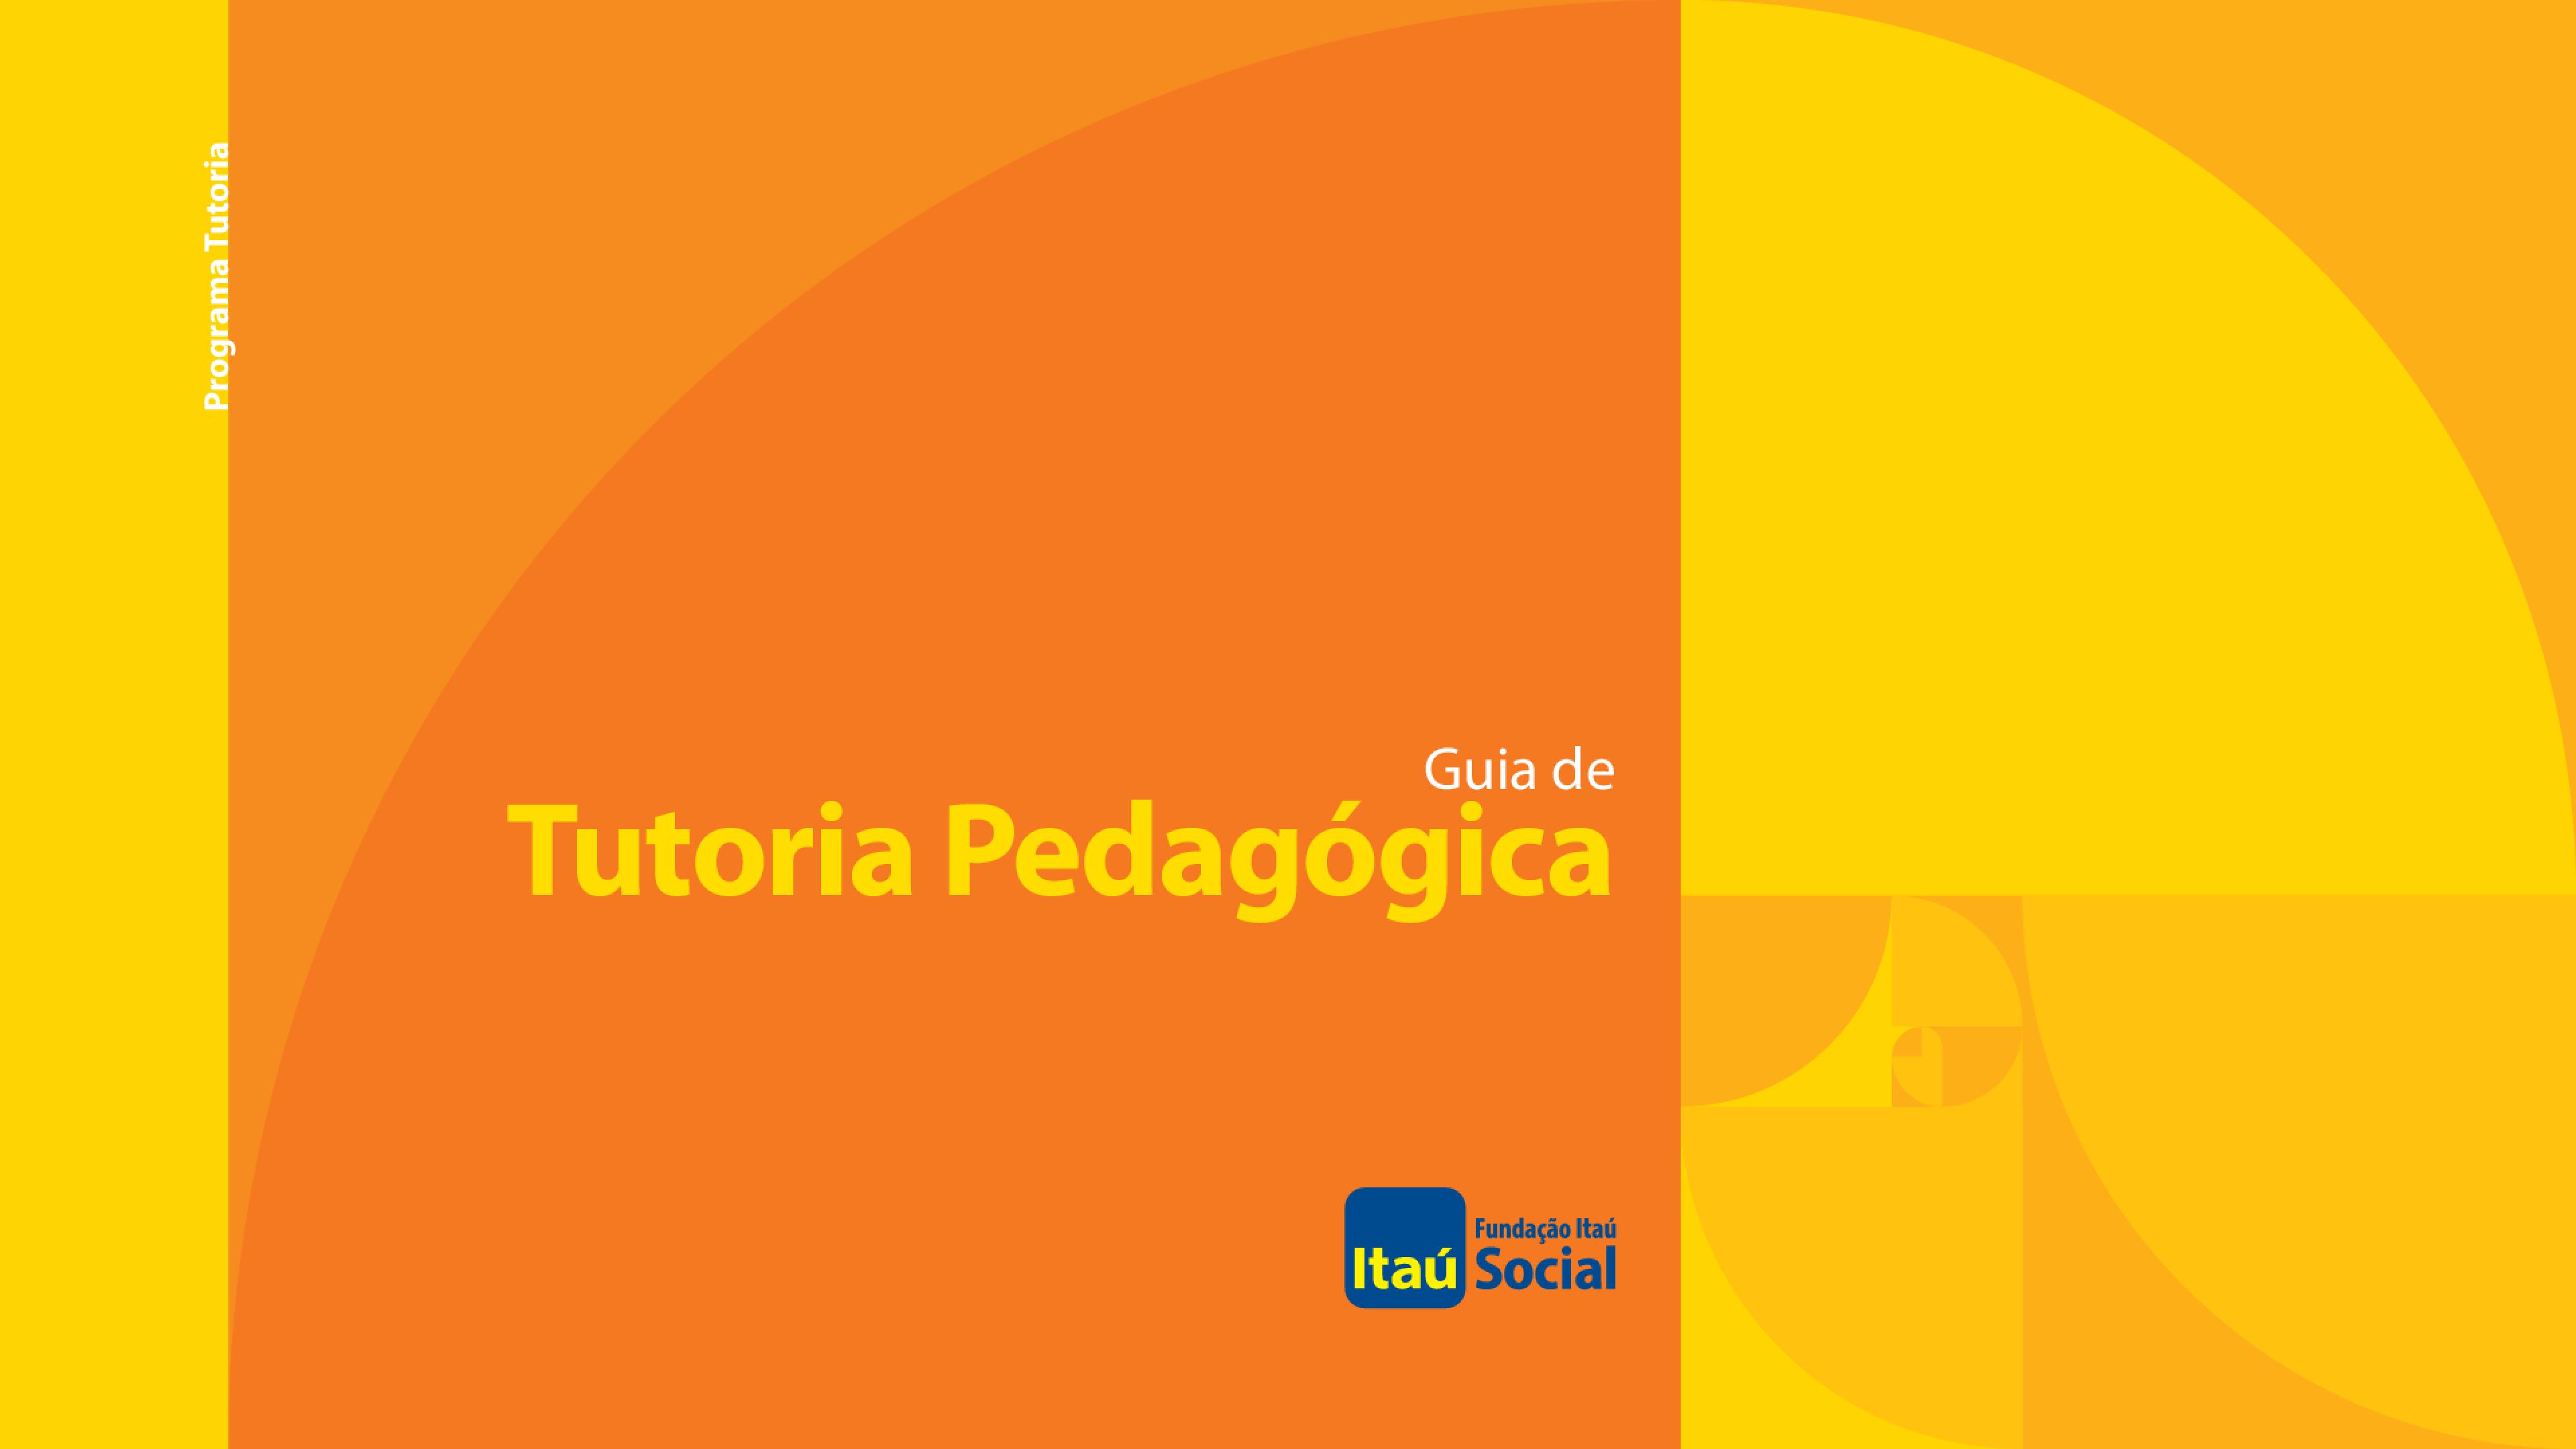 Guia de tutoria pedagógica